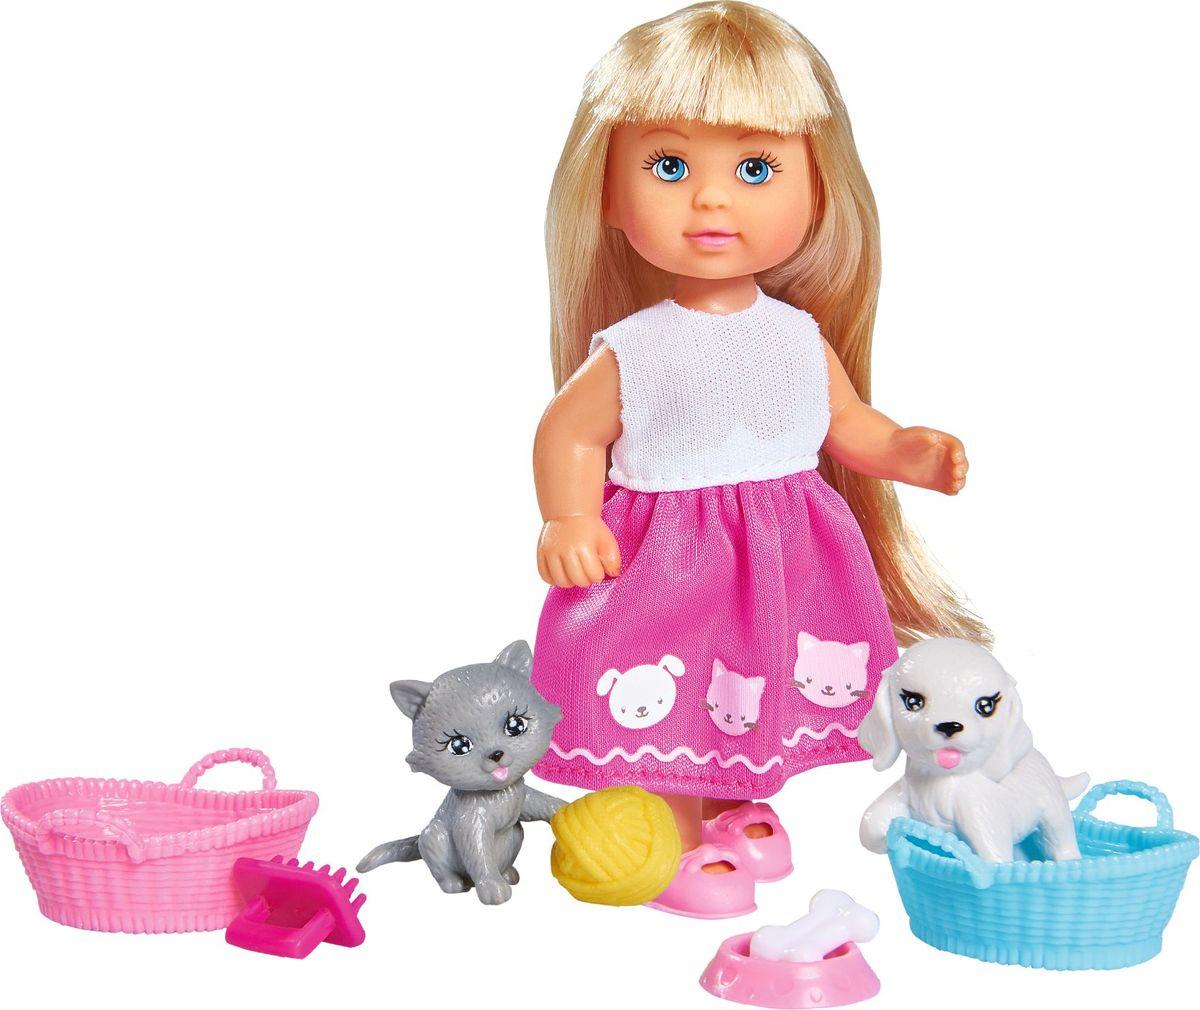 Simba Кукла Еви Домашние питомцы кукла simba еви домашние питомцы 5733044